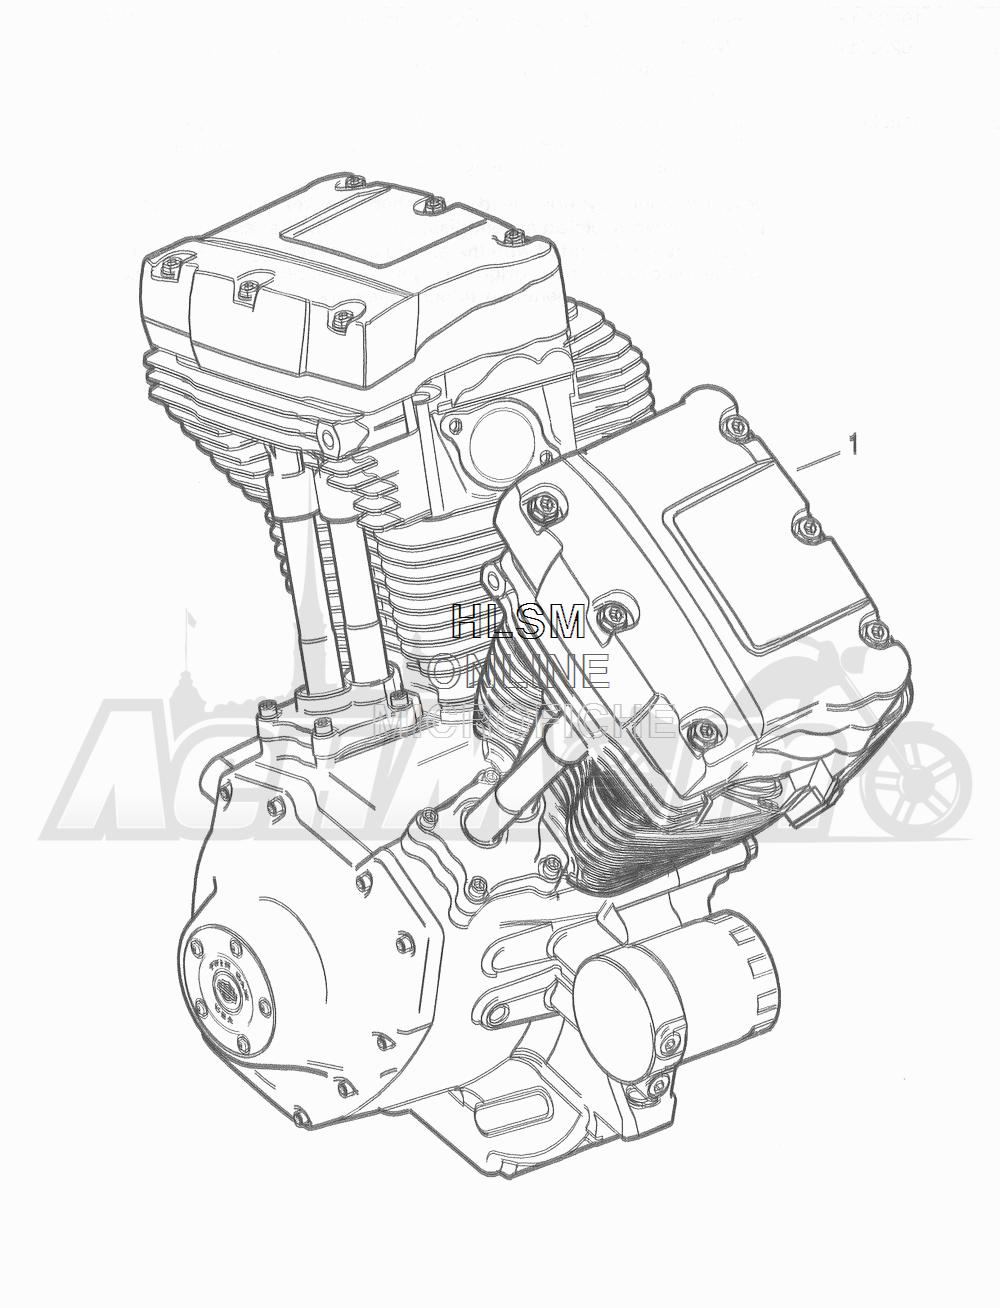 Запчасти для Мотоцикла Harley-Davidson 2016 FLD DYNA 103 SWITCHBACK (GZM) Раздел: ENGINE ASSEMBLY (HIGH OUTPUT) | двигатель в сборе (высокий выход)